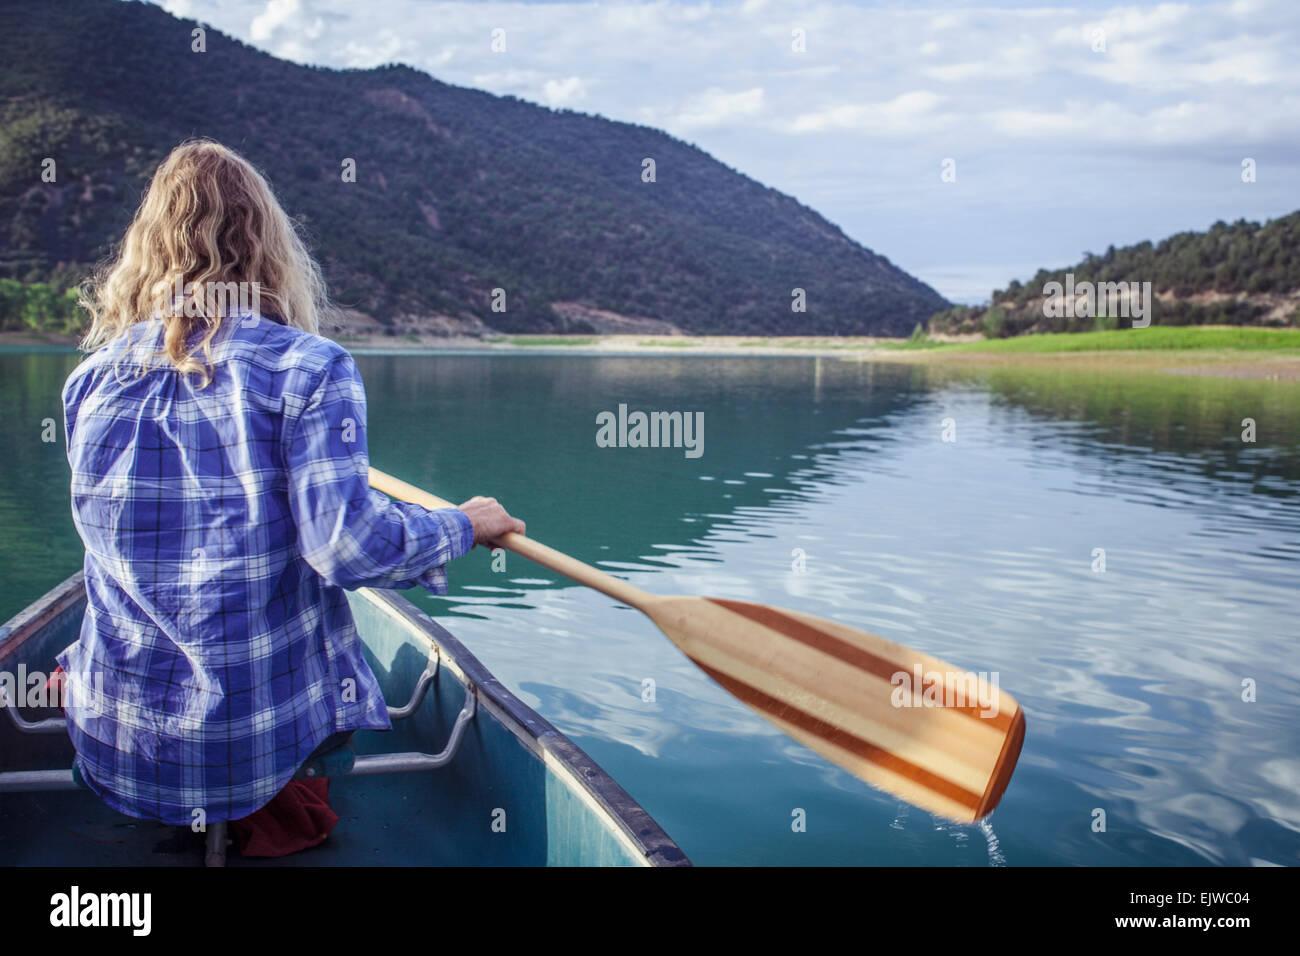 USA, Colorado, Harvey, Gap Femme canoë dans le lac Photo Stock